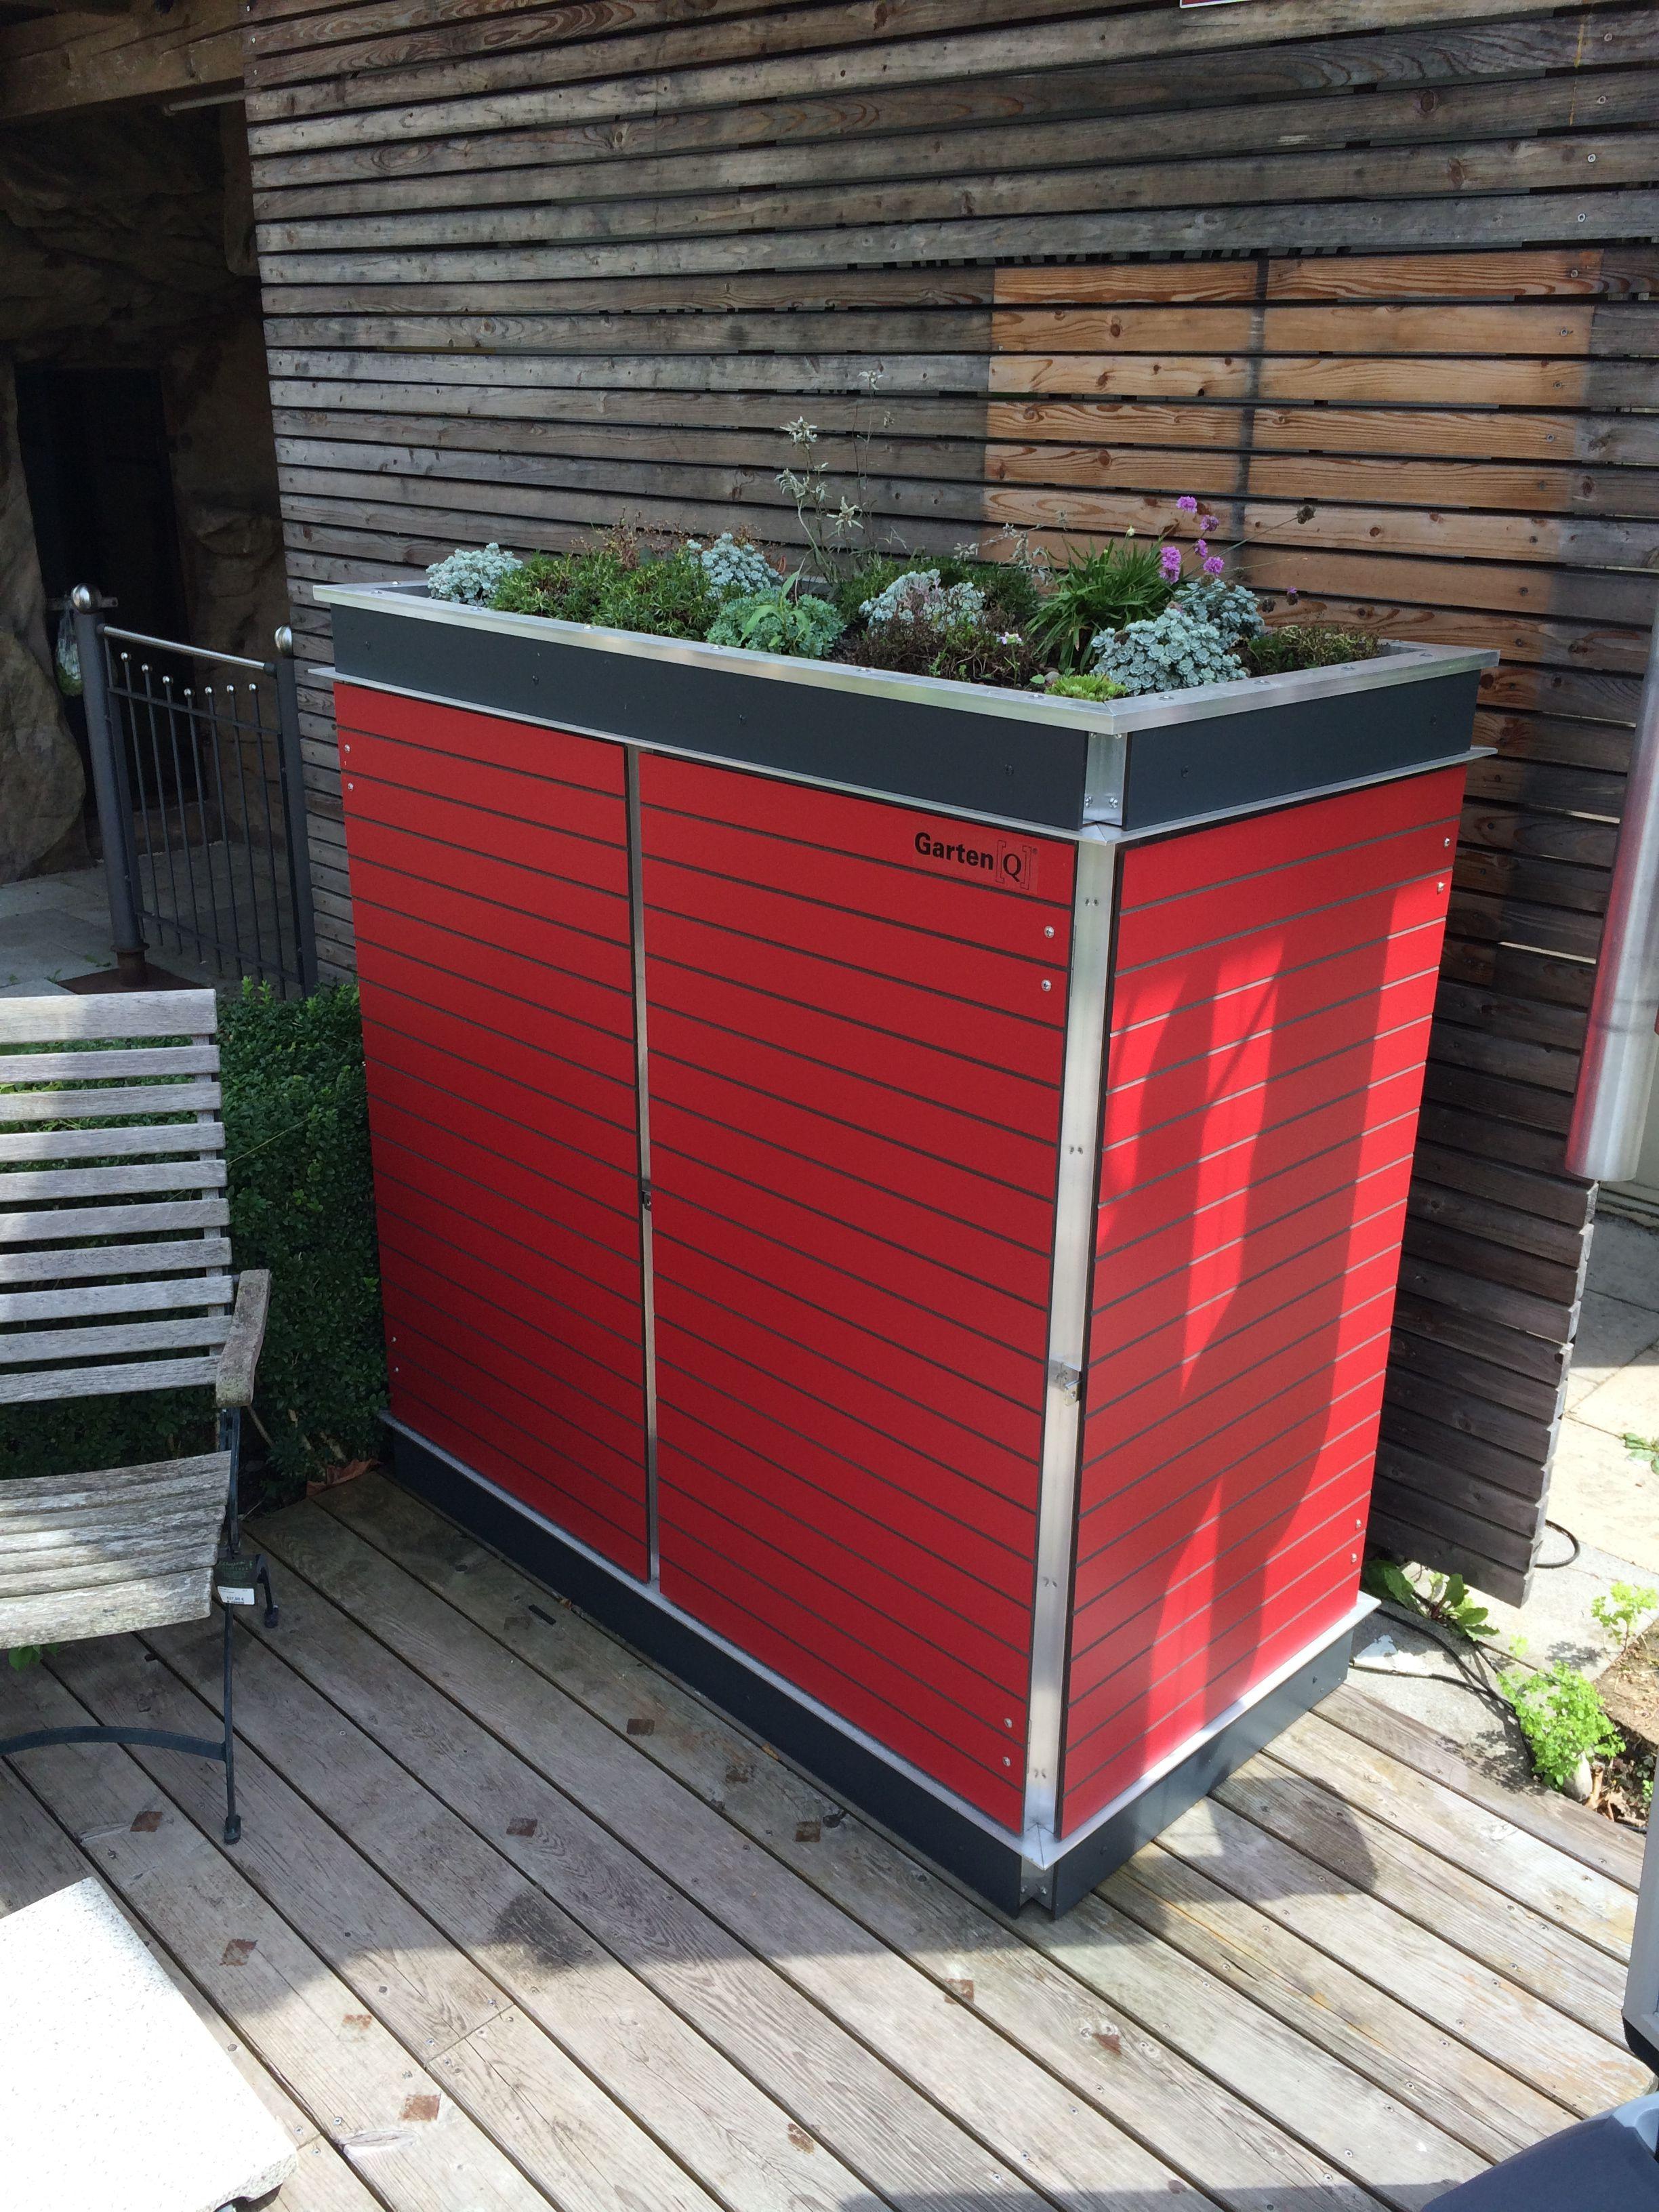 Outdoor Schrank In Rot Mit Dachbegrunungsmodul In Anthrazit Farben Der Blenden Und Der Turen Sind Frei Wahlbar Gartenschrank Gartengerateschrank Garten